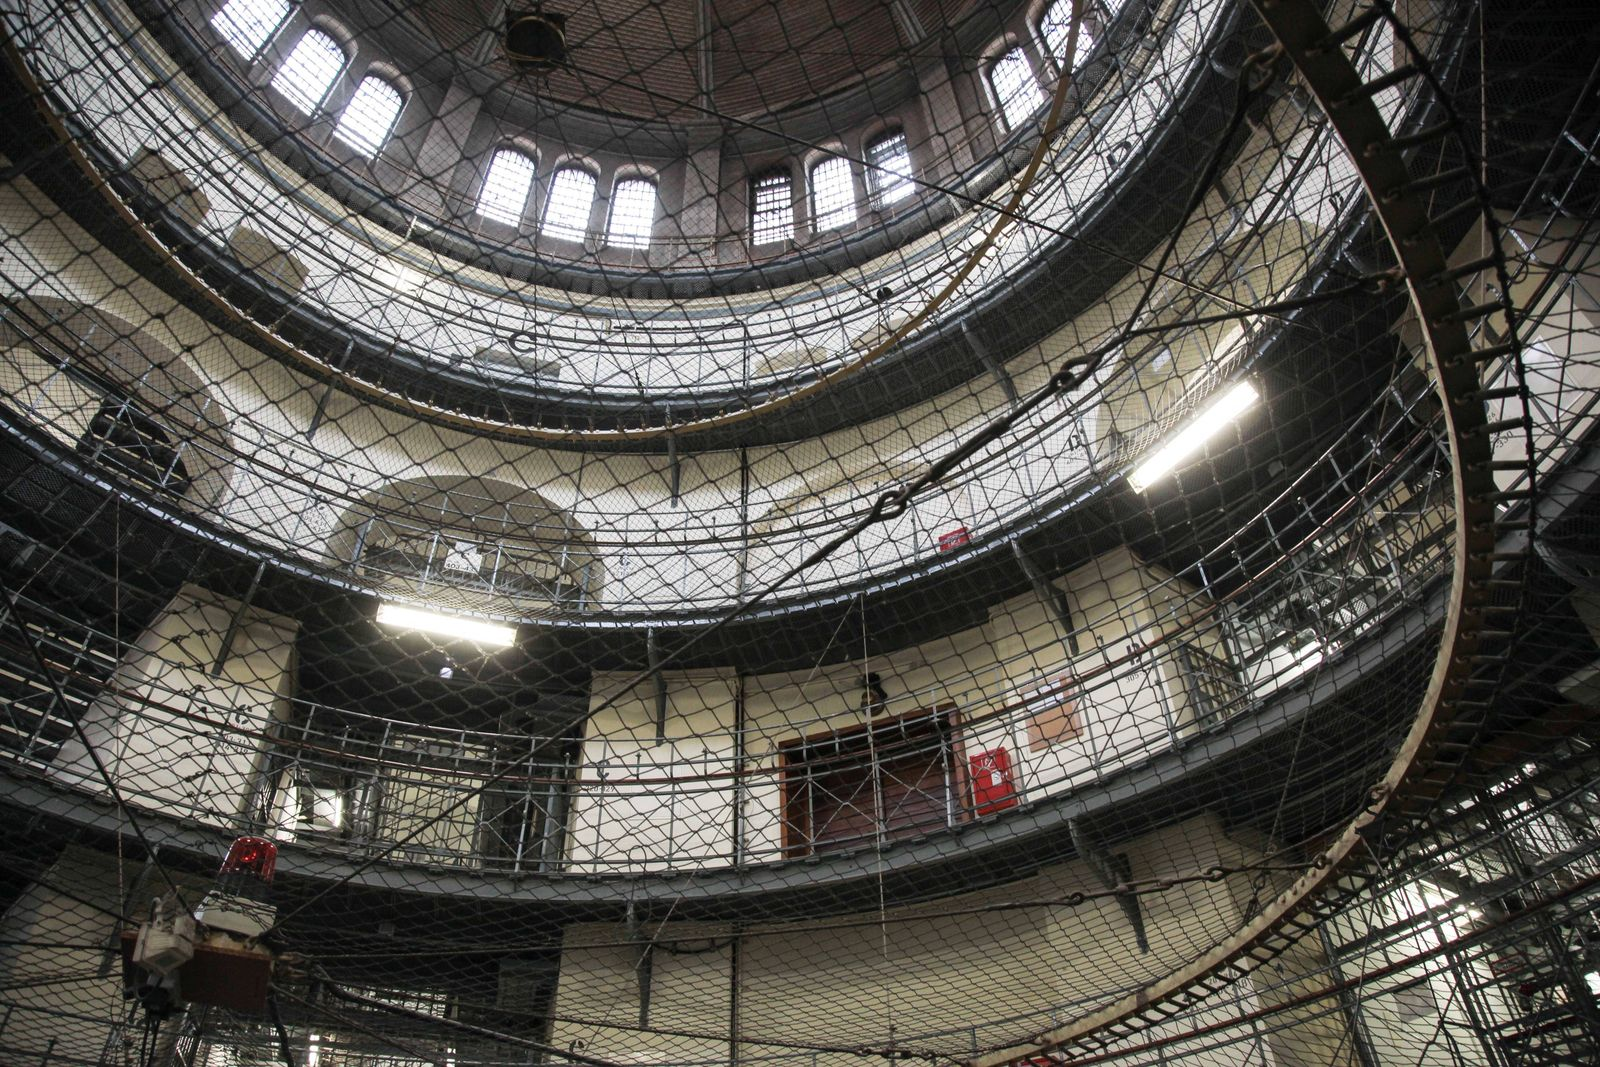 Zellengang in der Untersuchungshaftanstalt Berlin Moabit Kuppel Zellengang in der Untersuchungshaft